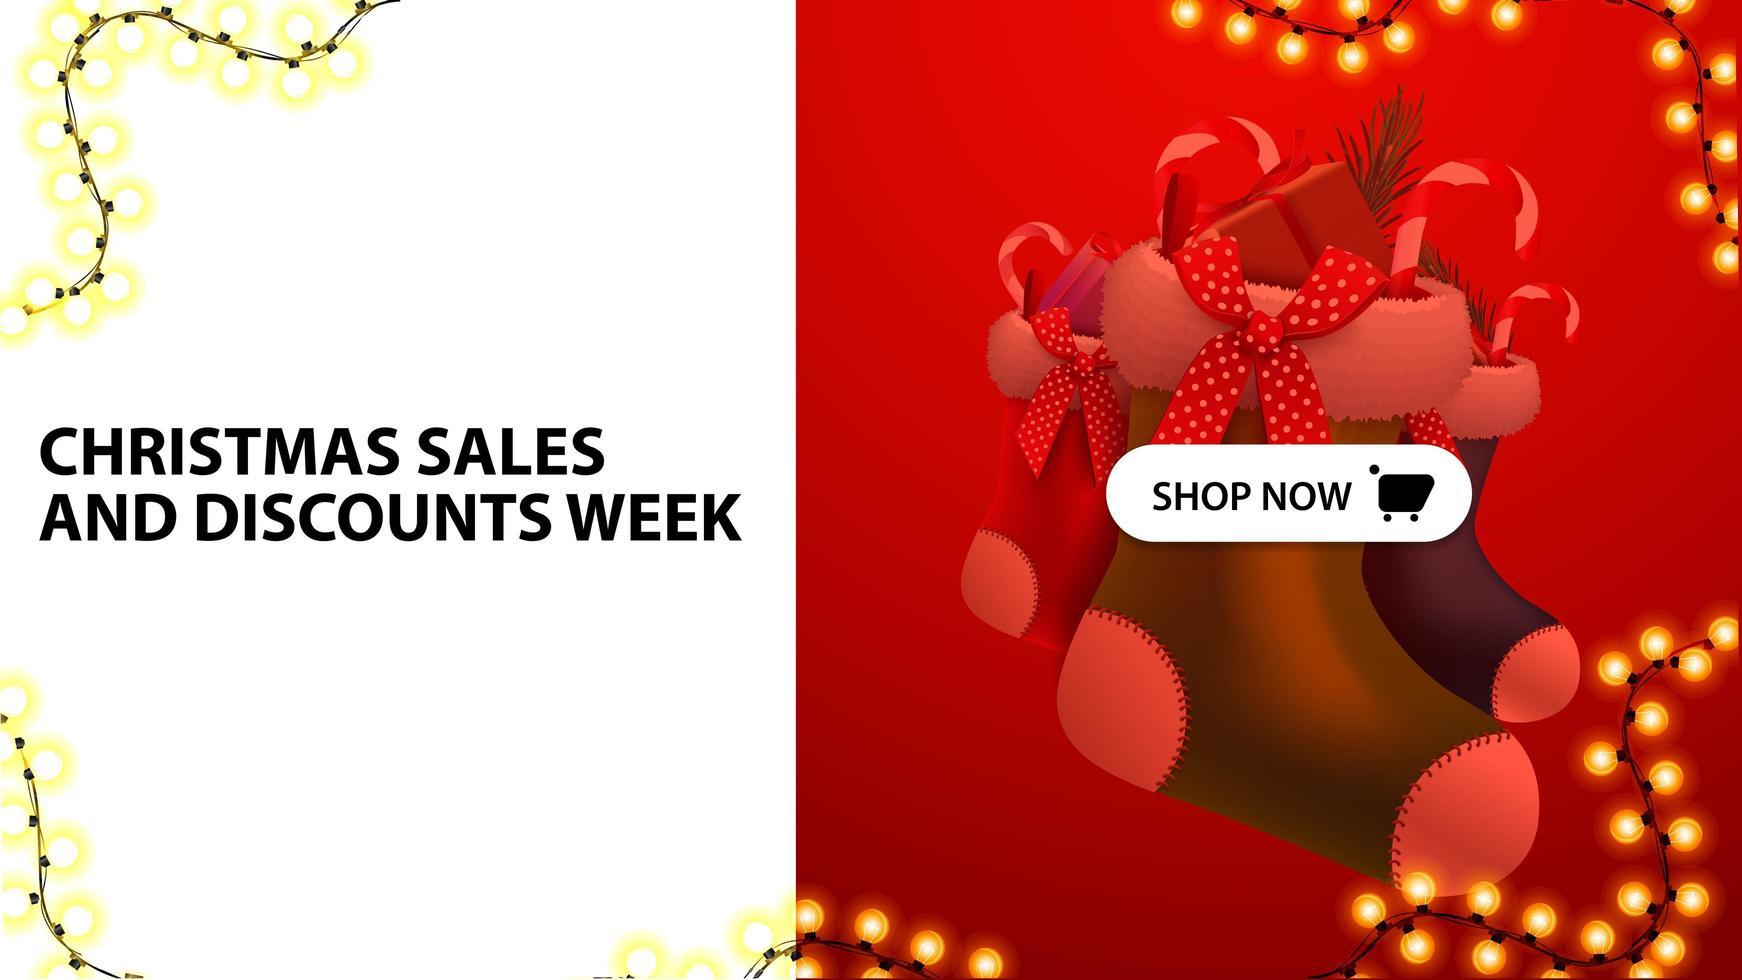 Weihnachtsverkäufe und Rabattwoche, weißes und rotes Rabattbanner mit Knopf und Weihnachtsstrümpfen vektor